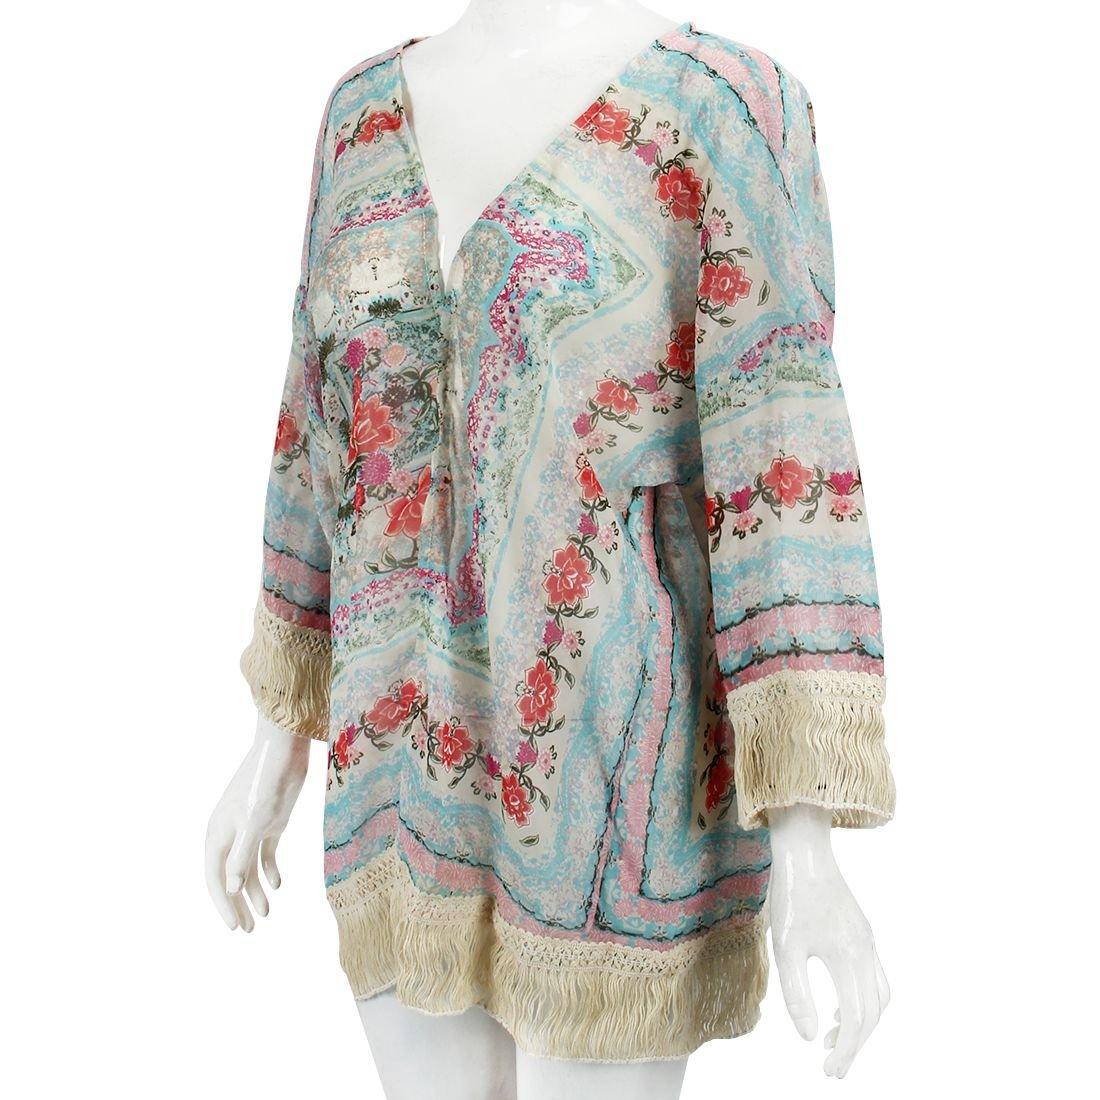 SODIAL(R) Nuevos kimonos retro de otono de moda Cardigan de senoras Blusa japonesa de gasa de manga larga para las mujeres Tops-S: Amazon.es: Ropa y ...